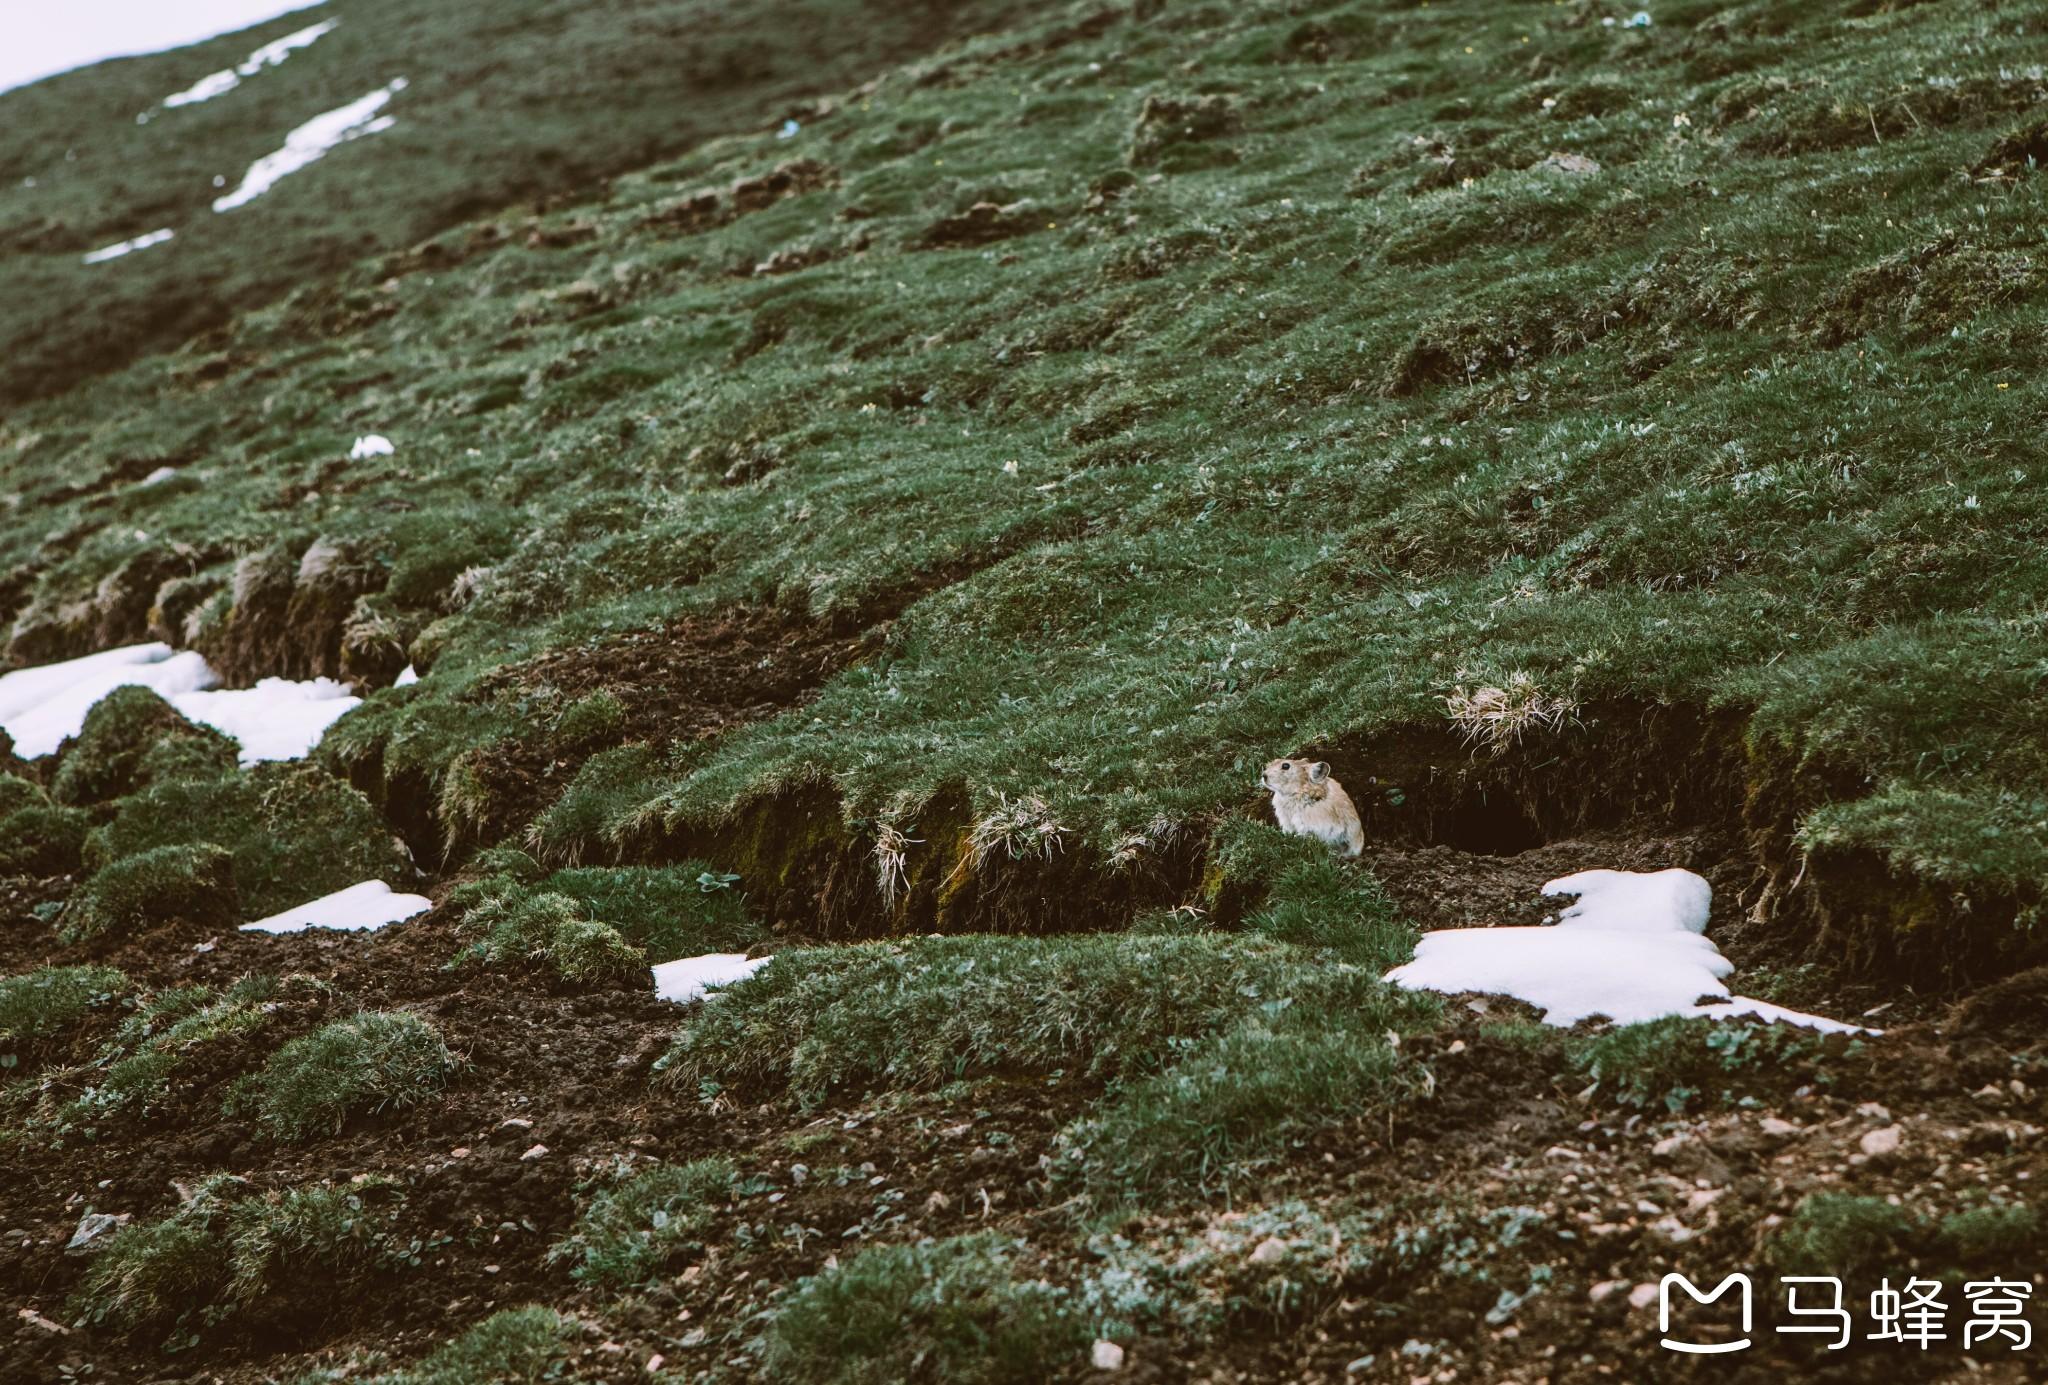 青海甘肃小环线之行|西北——让我望一眼你的荒芜与辽阔